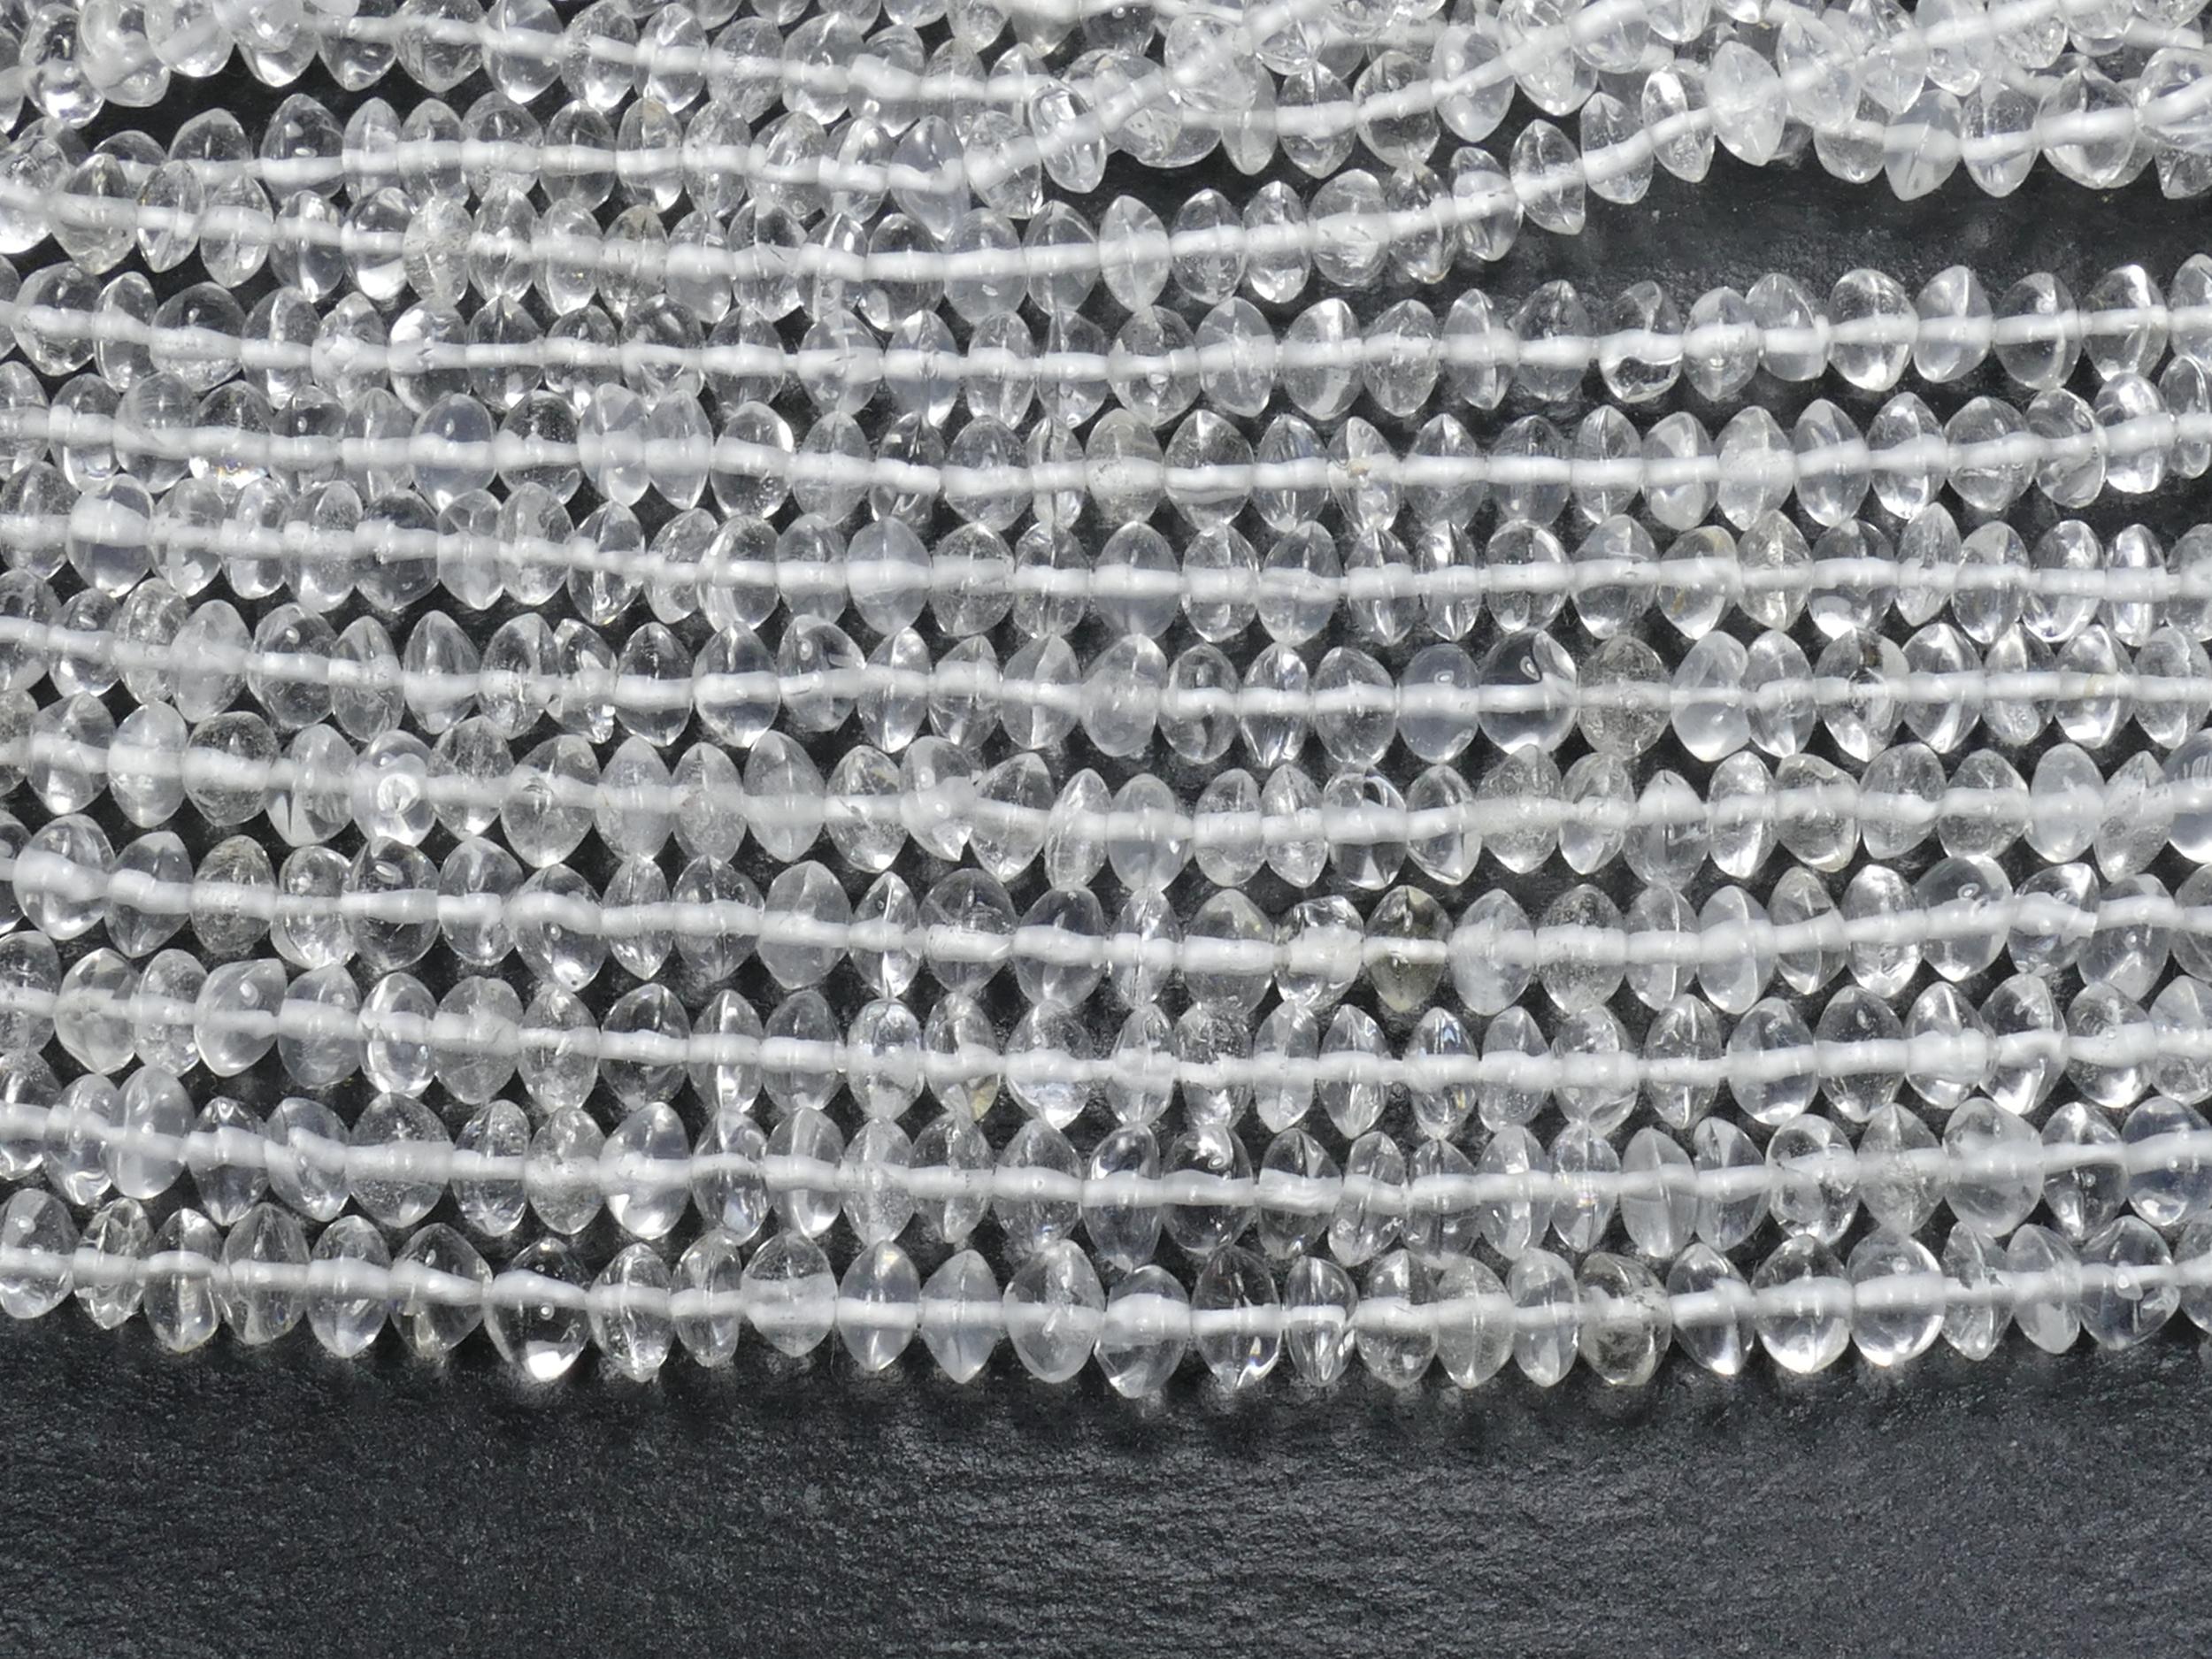 4.6/5.4mm Perles de Cristal de roche Quartz naturel rondelle lisse irrégulière x35cm (13.7inch) (#AC993)